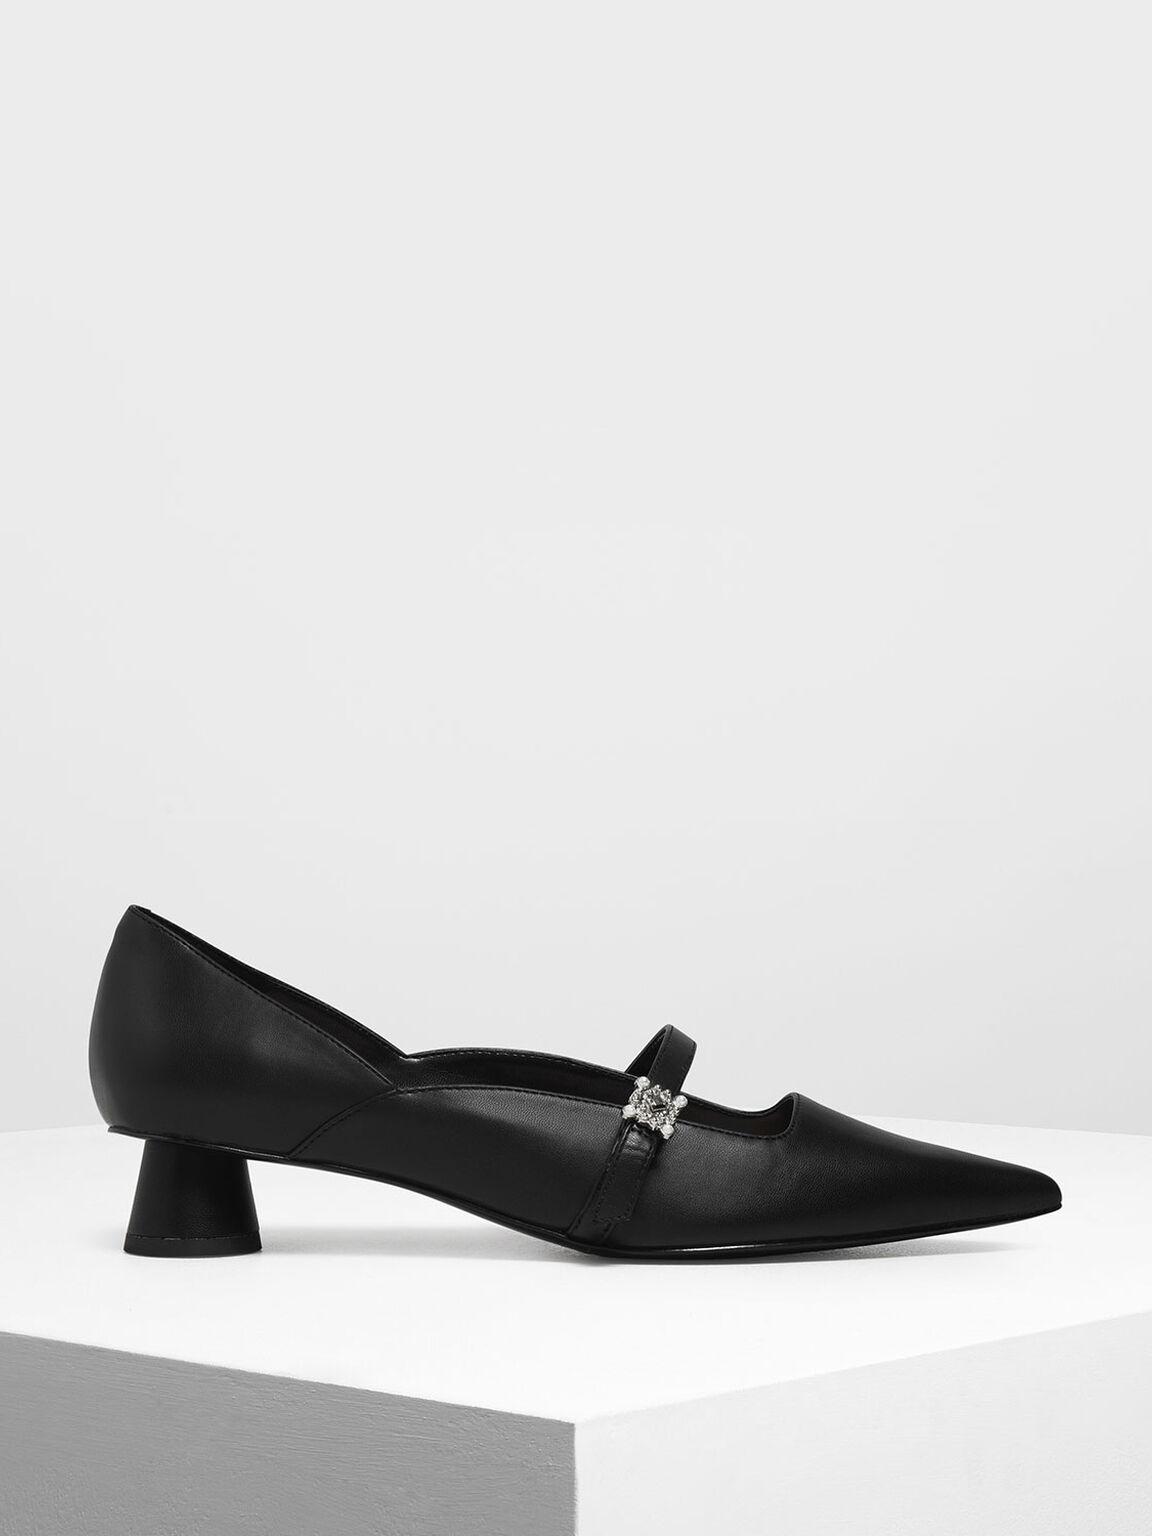 Gem Embellished Cylindrical Heel Mary Jane Pumps, Black, hi-res